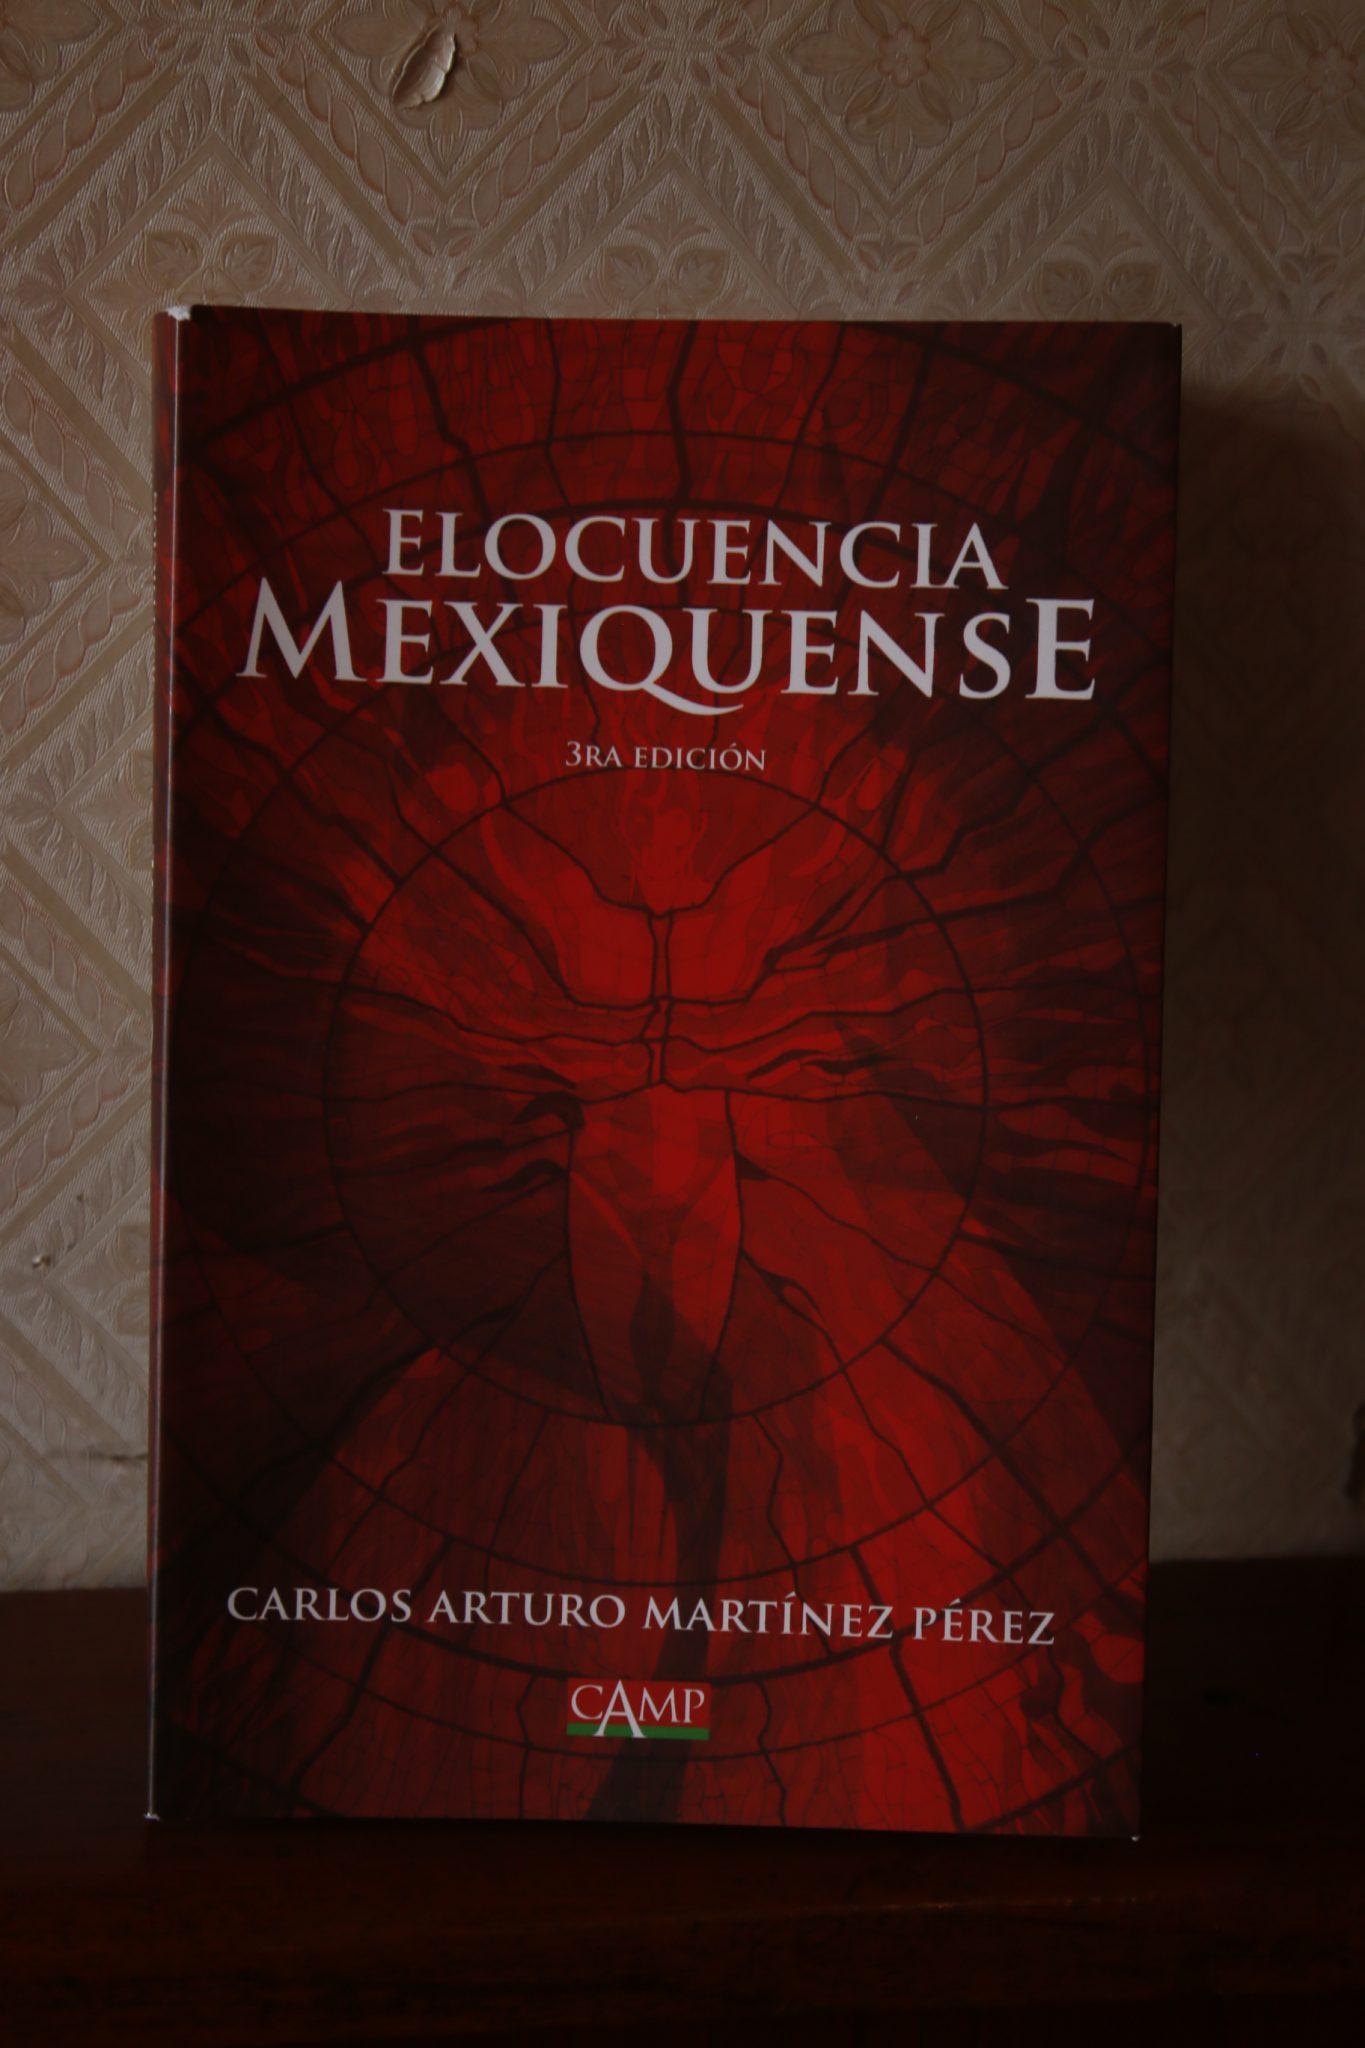 LIBRO ELOCUENCIA MEXIQUENSE (7)